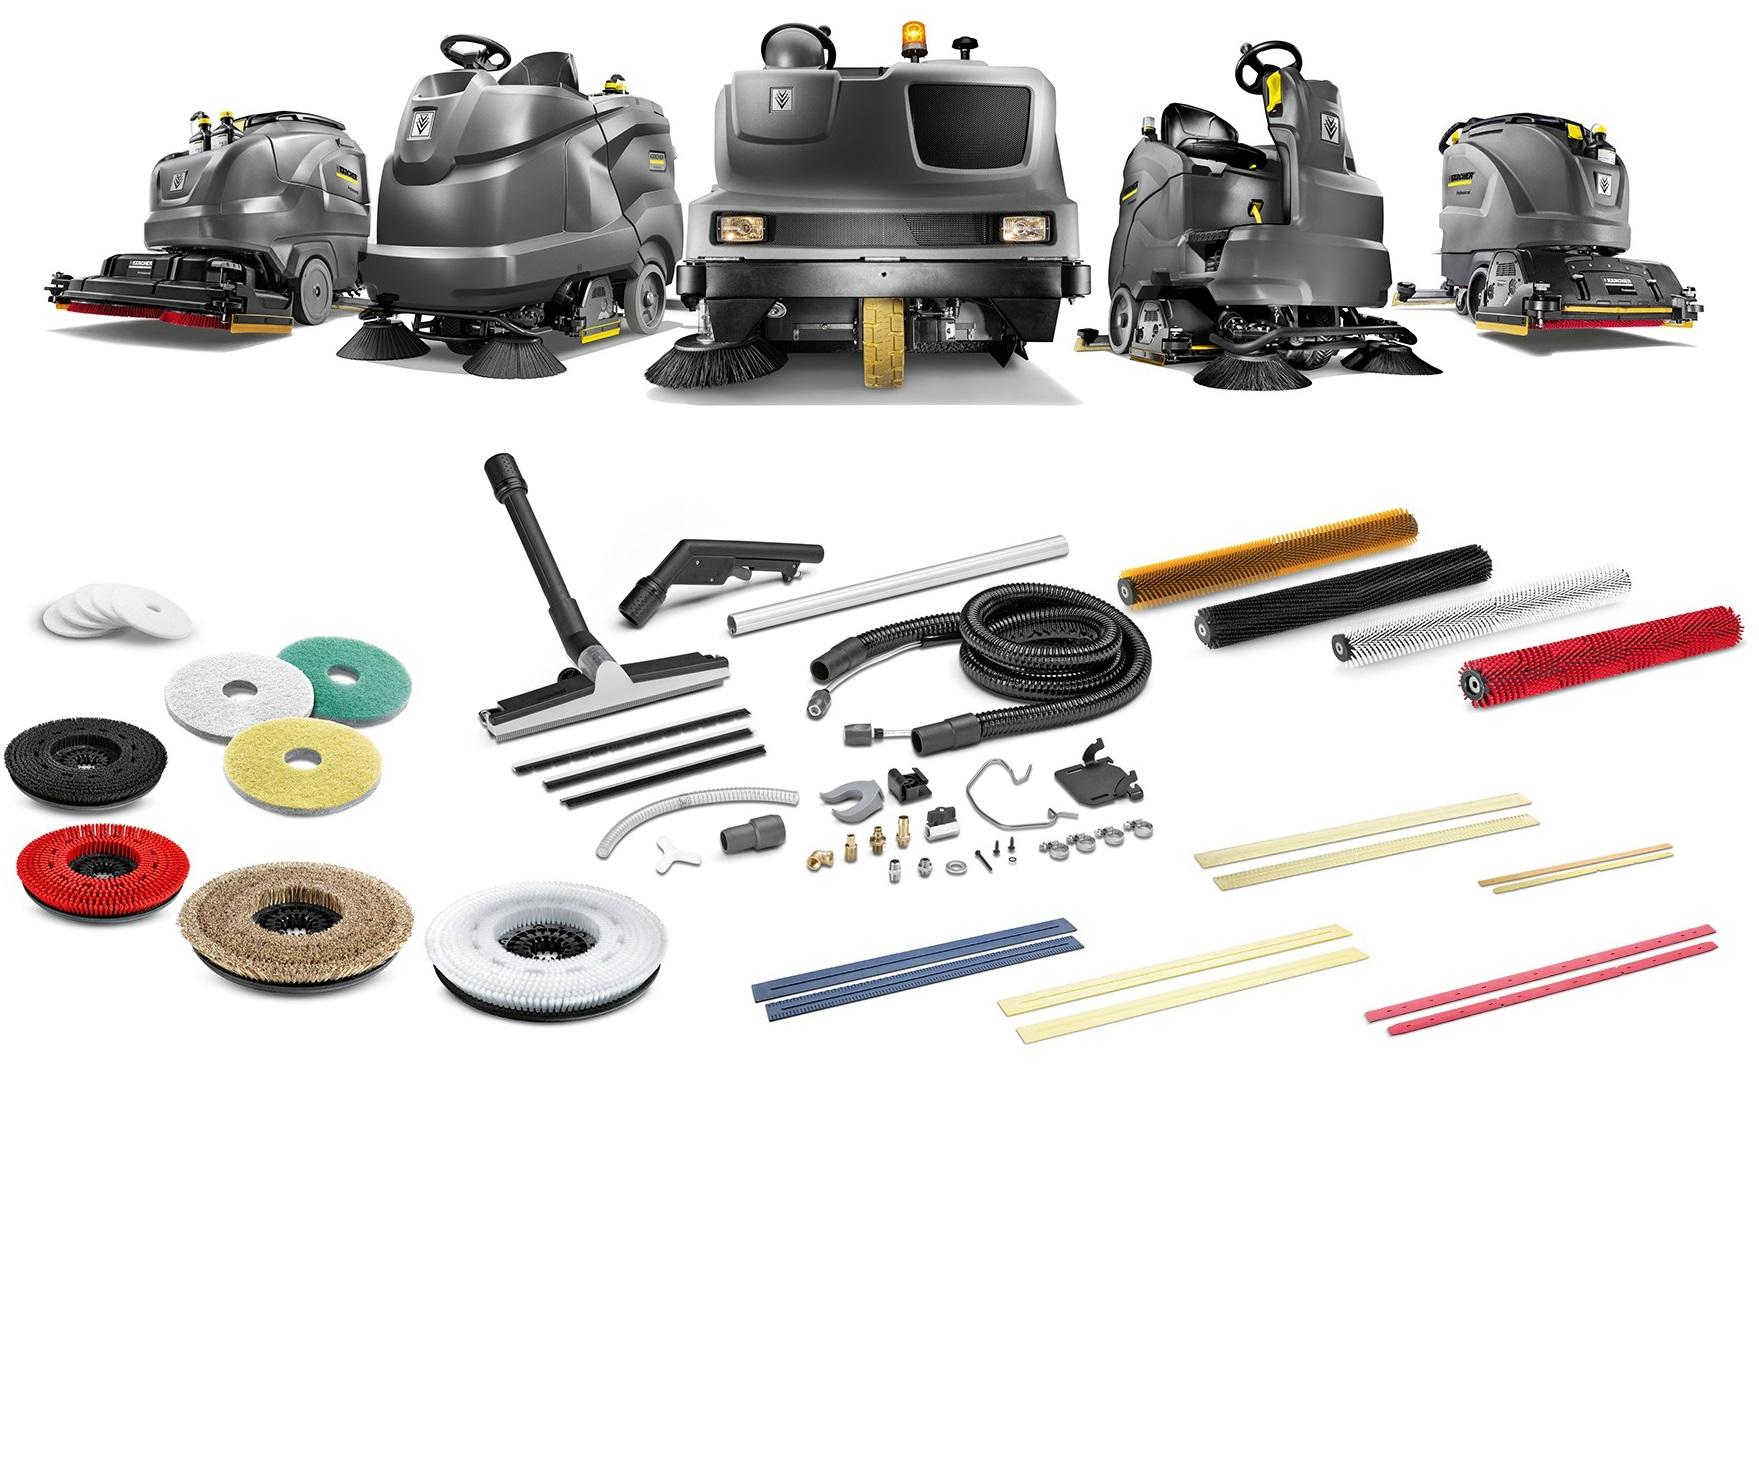 洗地机配件如何准确无误选择?卡赫带你了解专业洗地装备!